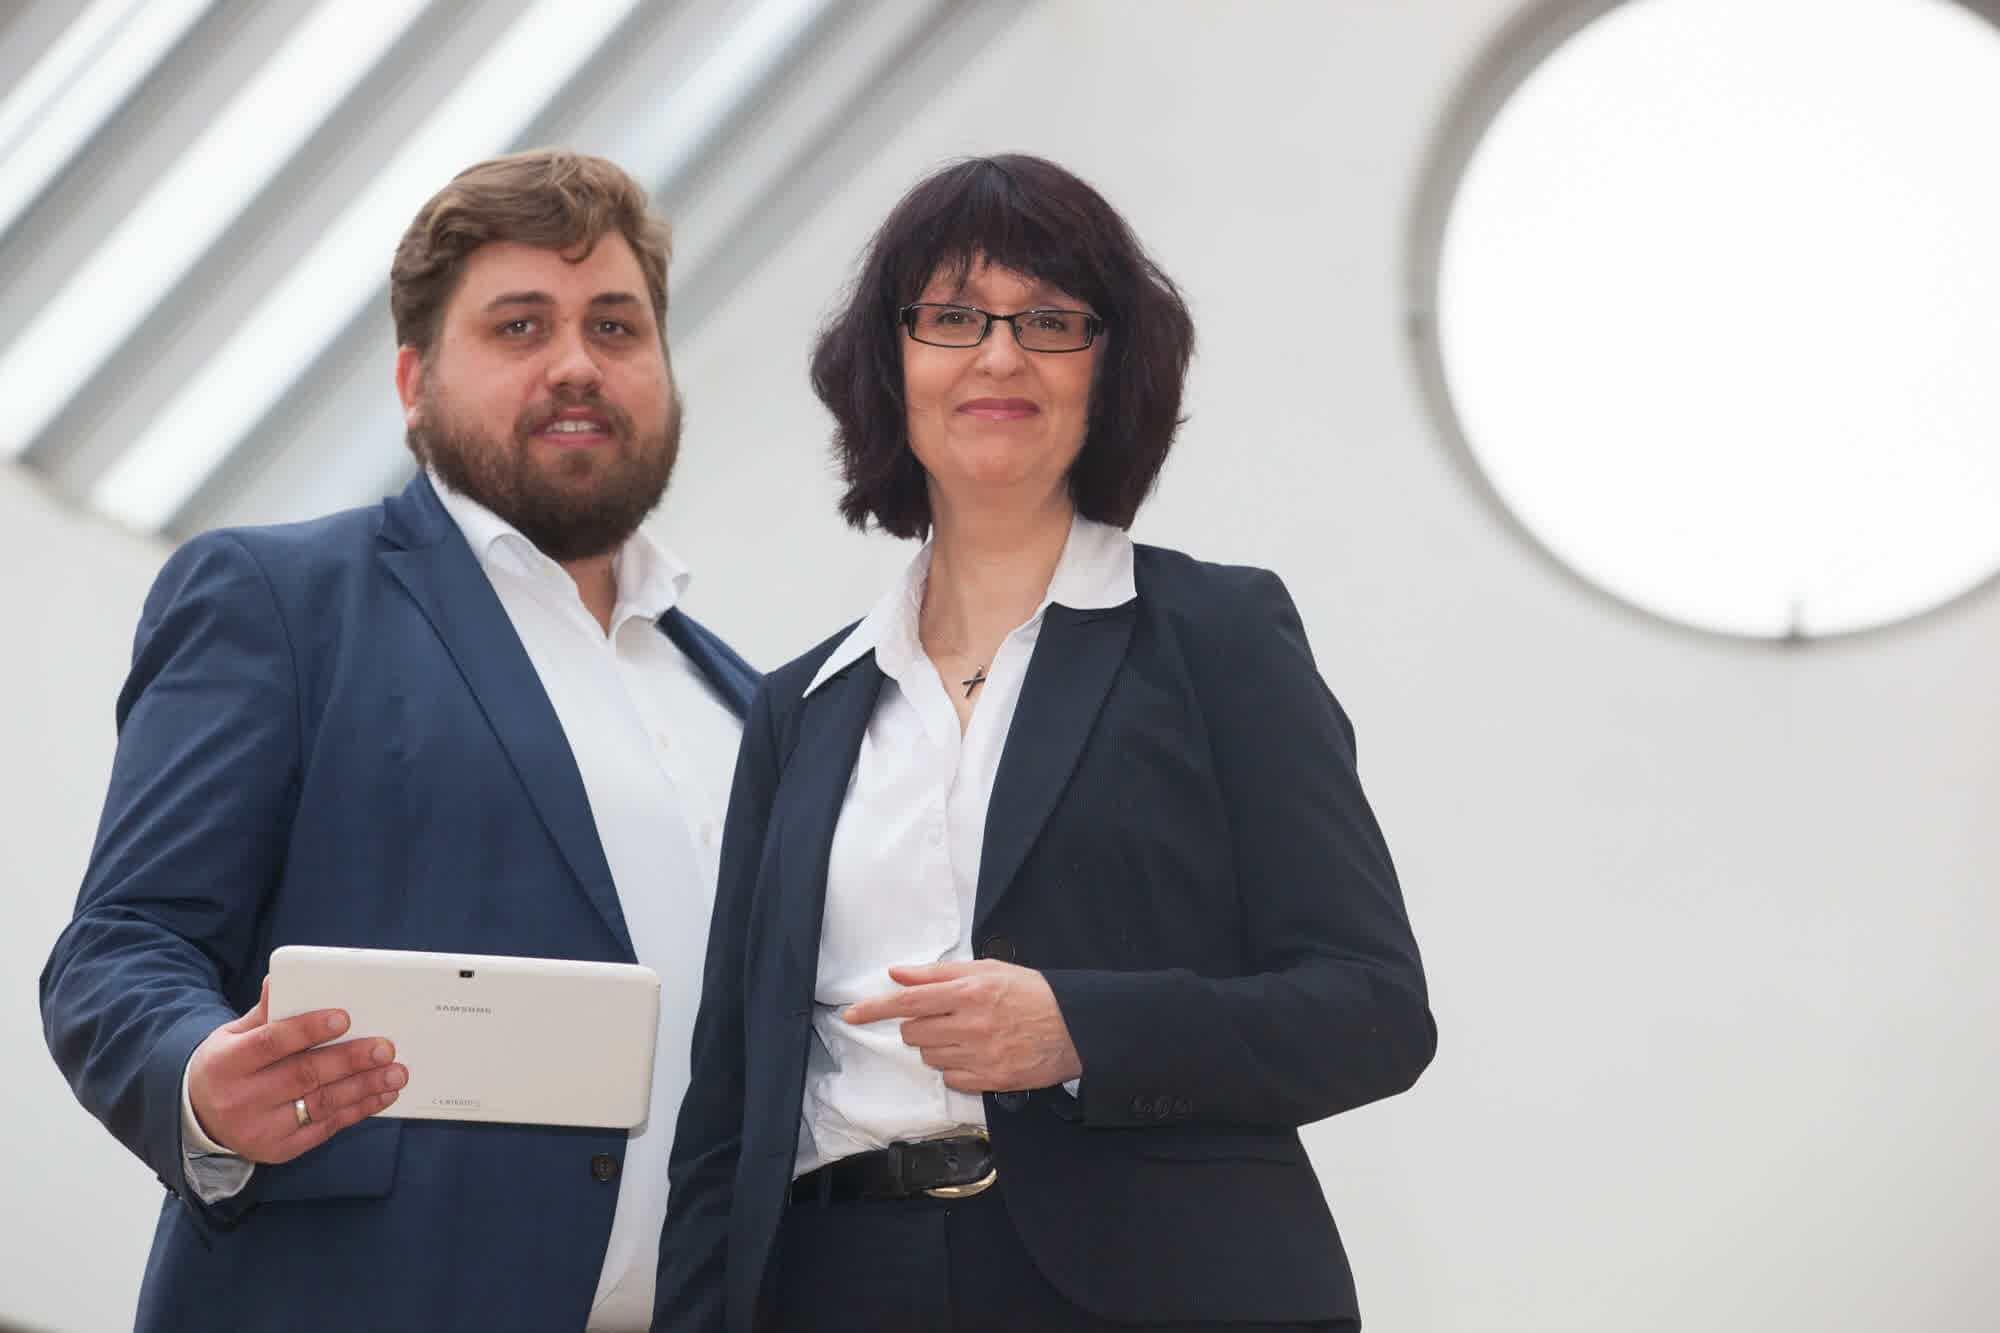 Dennis Arntjen und Eva Ihnenfeldt